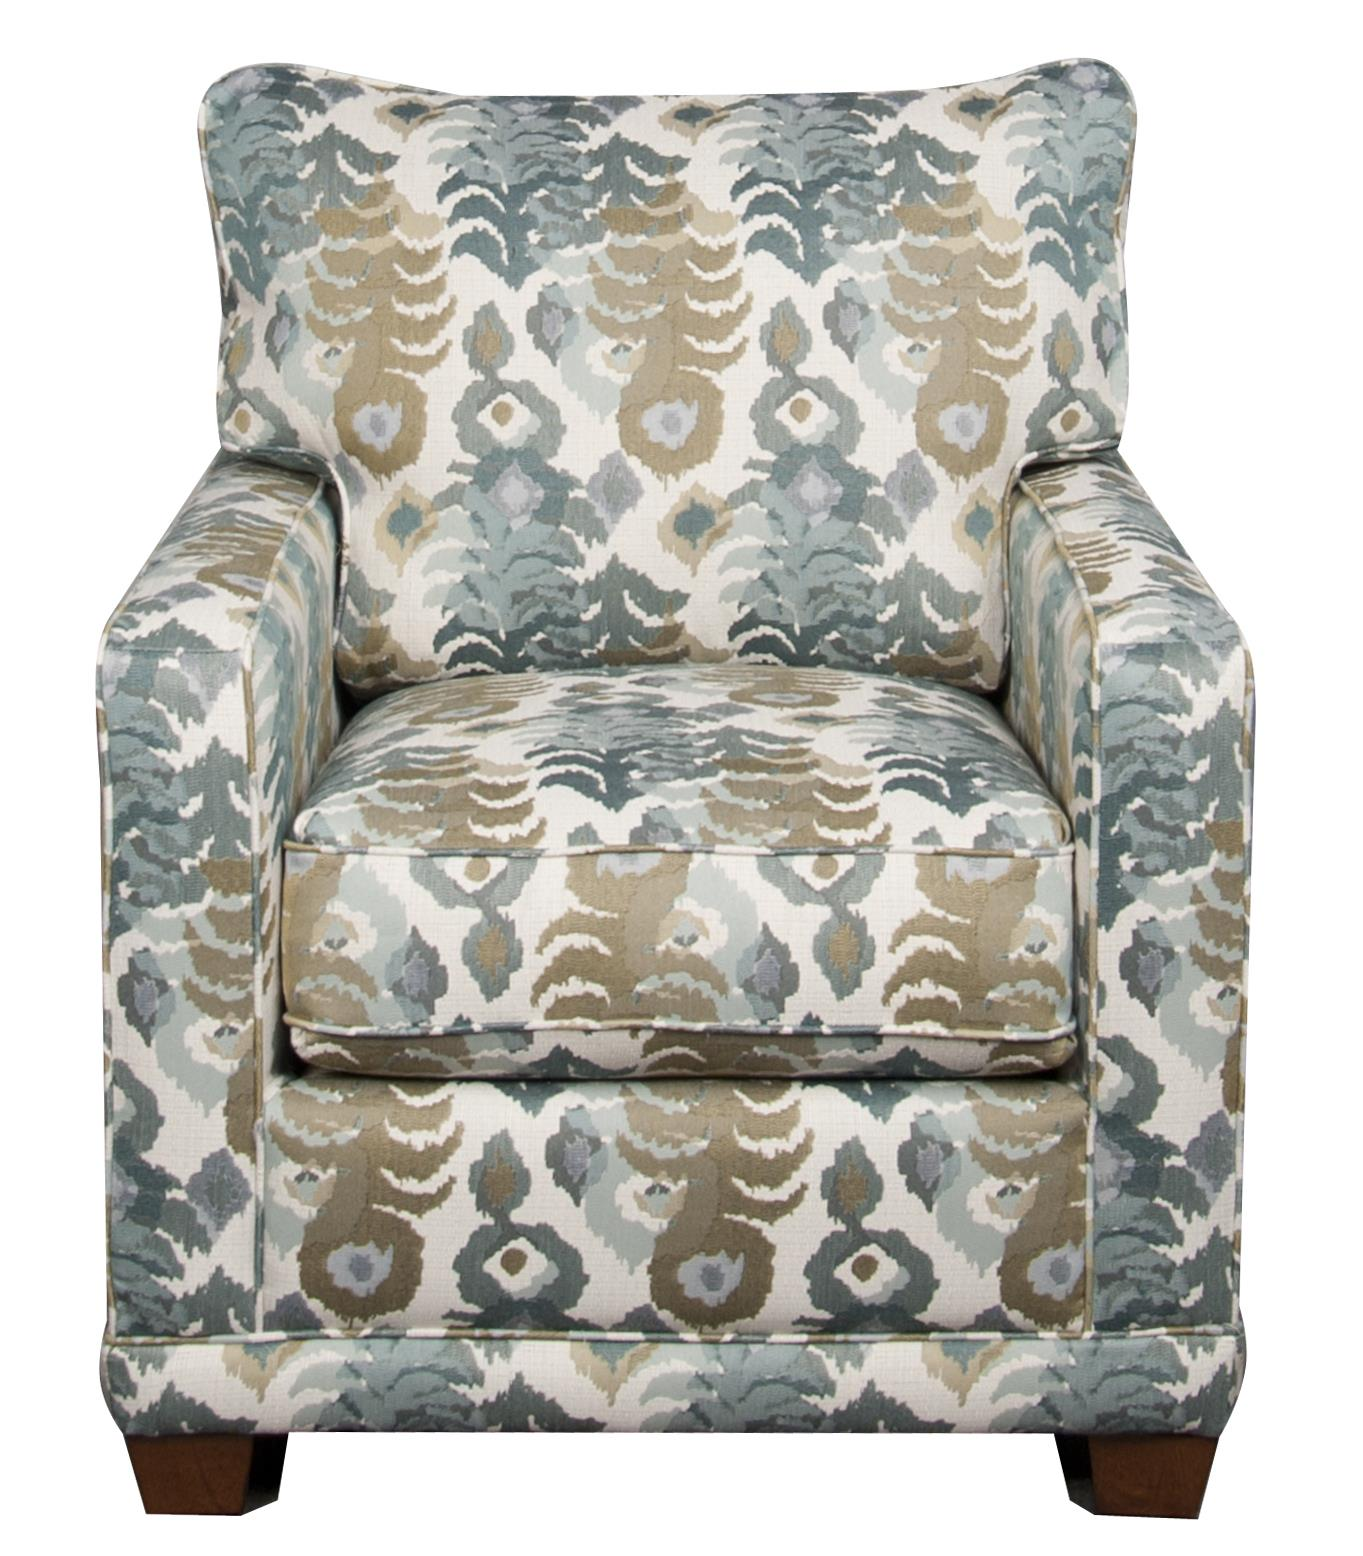 La-Z-Boy Kennedy Kennedy Chair with Gel Cushion - Item Number: 412883810